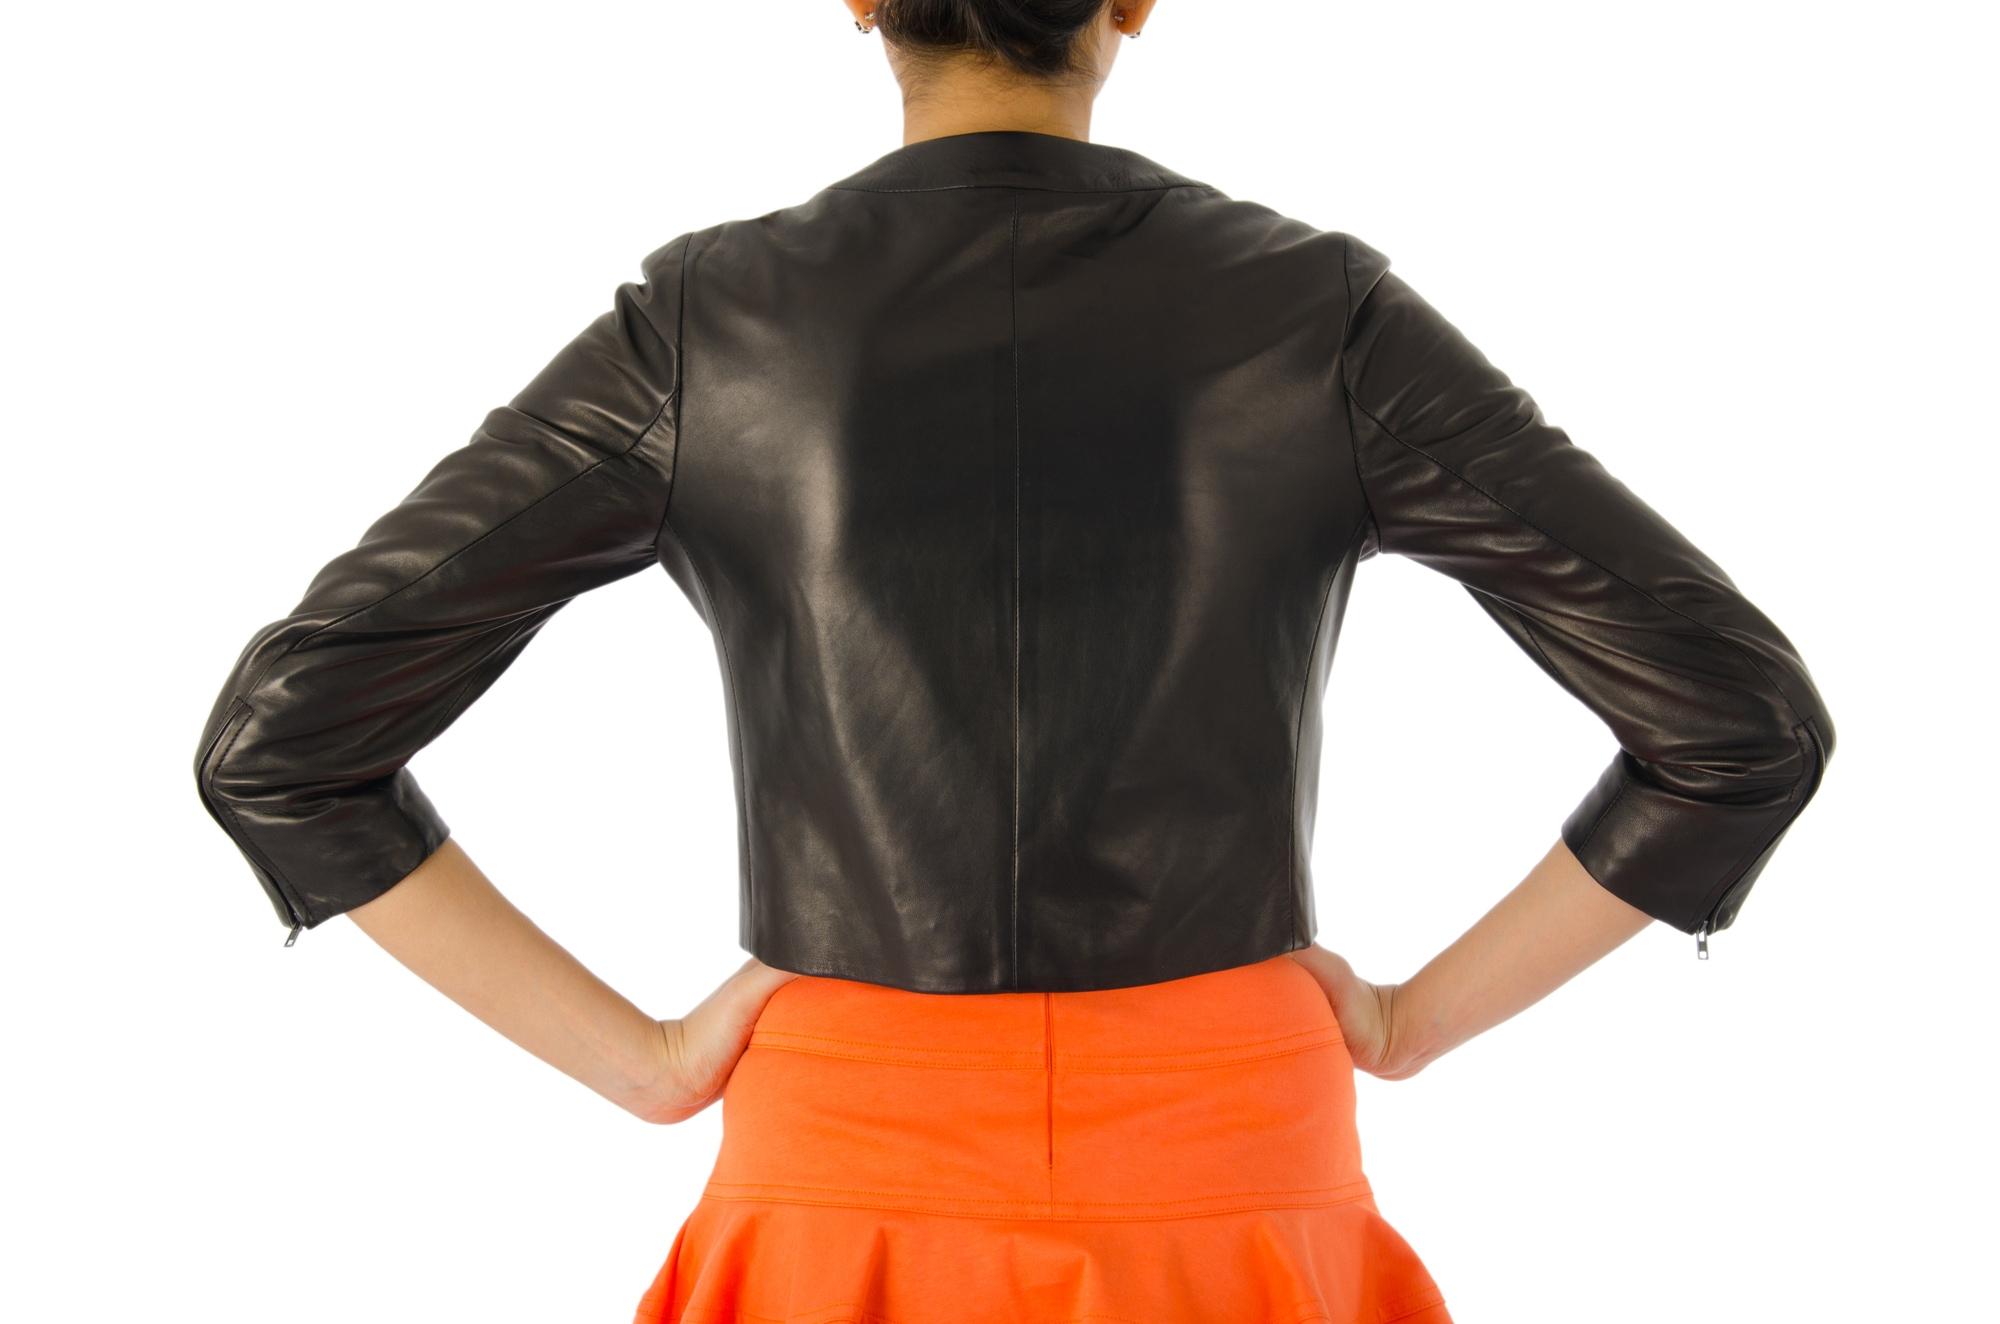 男っぽいイメージはもう古い!女性もライダースジャケットを格好よく着こなそう!